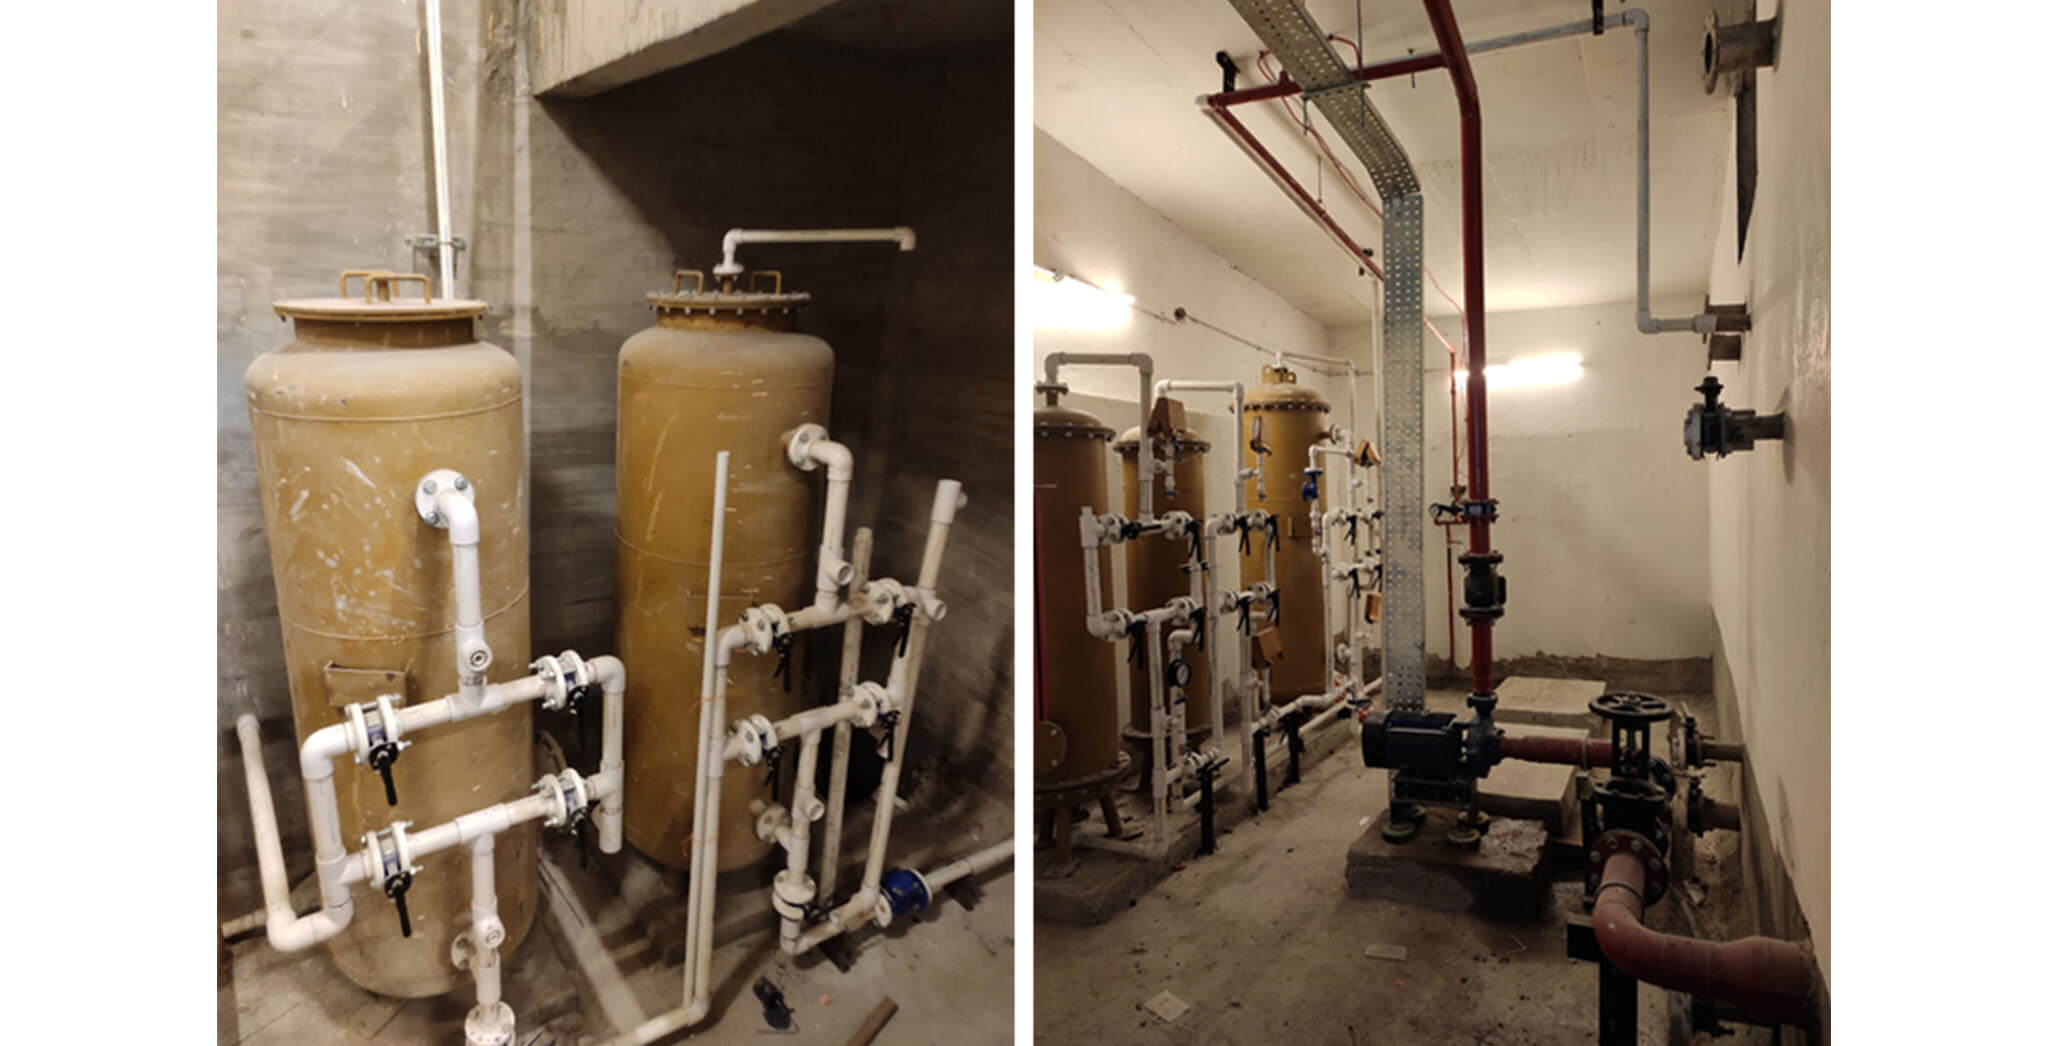 Feb 2021 - STP & WTP Installation is in progress